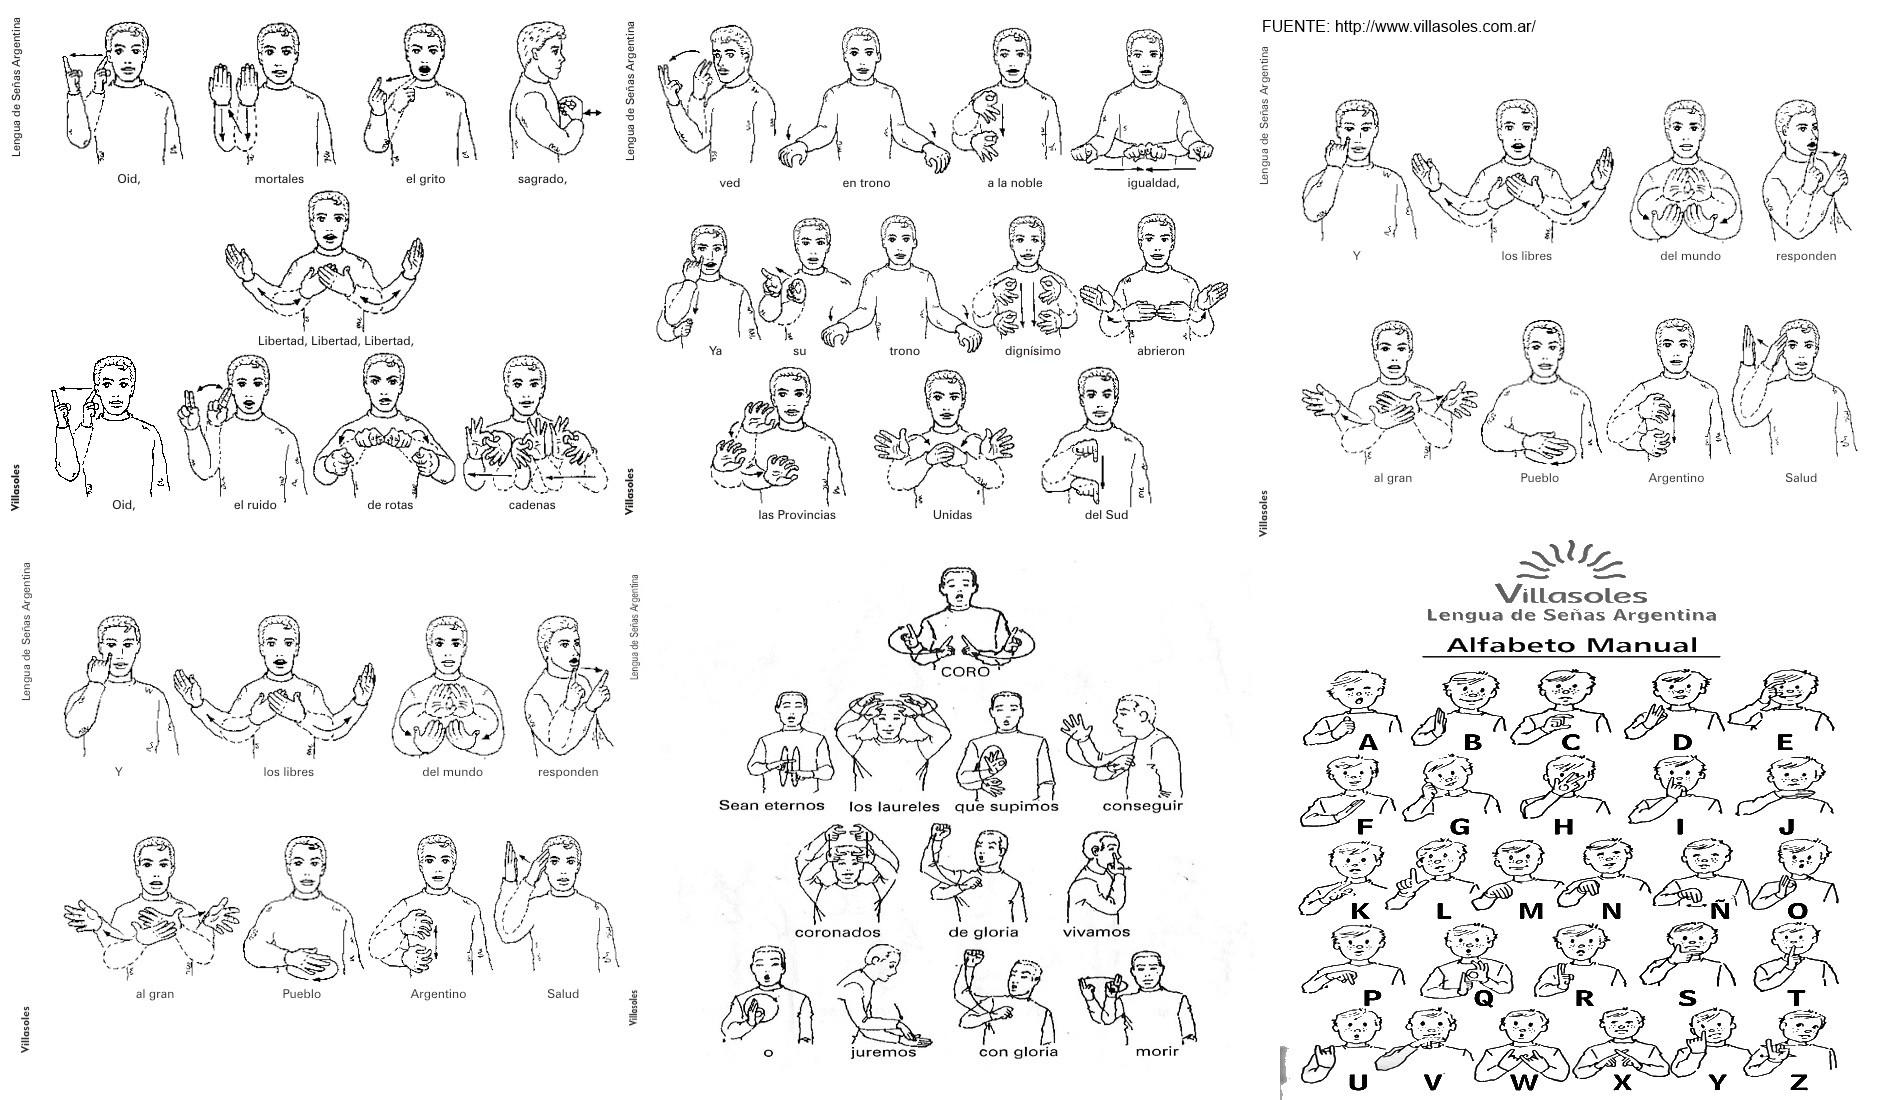 Calendario 2019 Venezuela Con Dias Feriados Más Recientes 2013 Mayo 09 Para Jefaturas Regionales Y Distritales Of Calendario 2019 Venezuela Con Dias Feriados Más Recientes Letv Leeco Le S3 X626 5 5 Pulgadas 4gb Ram 32gb Rom Mtk6797 Helio